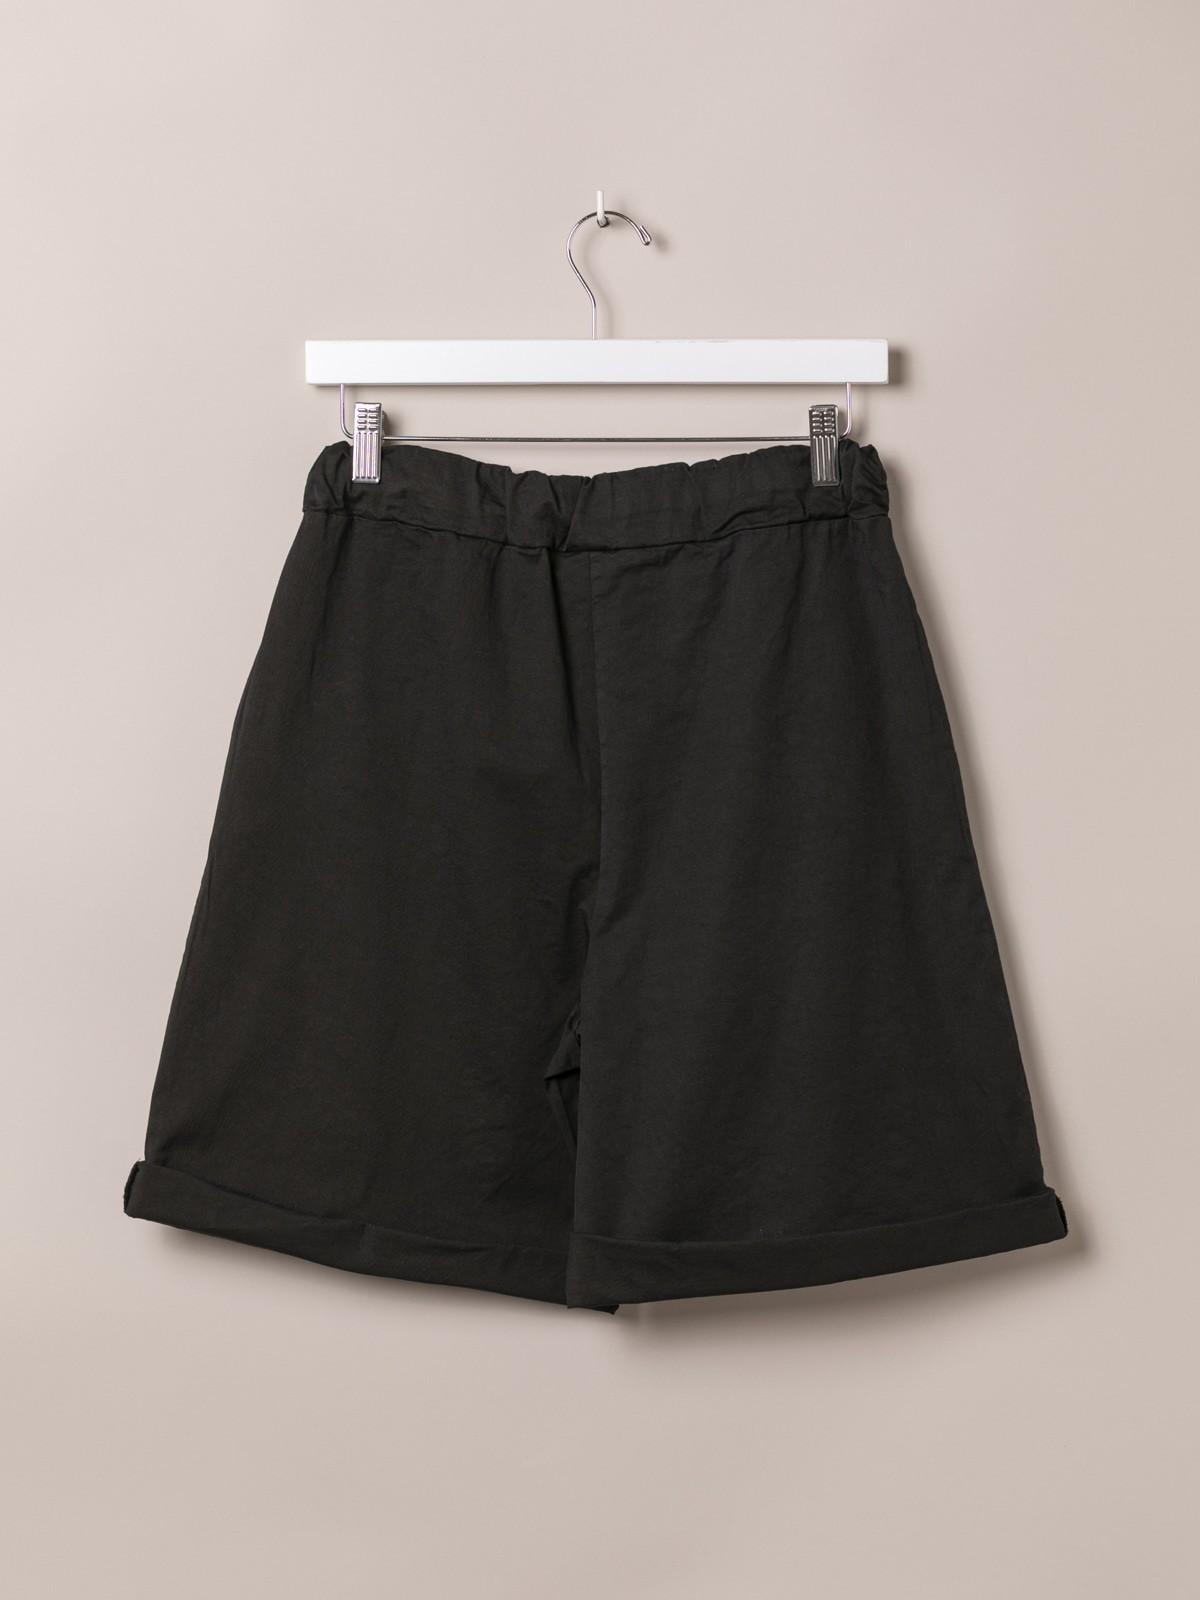 Bermuda mujer básica goma en cintura Negro